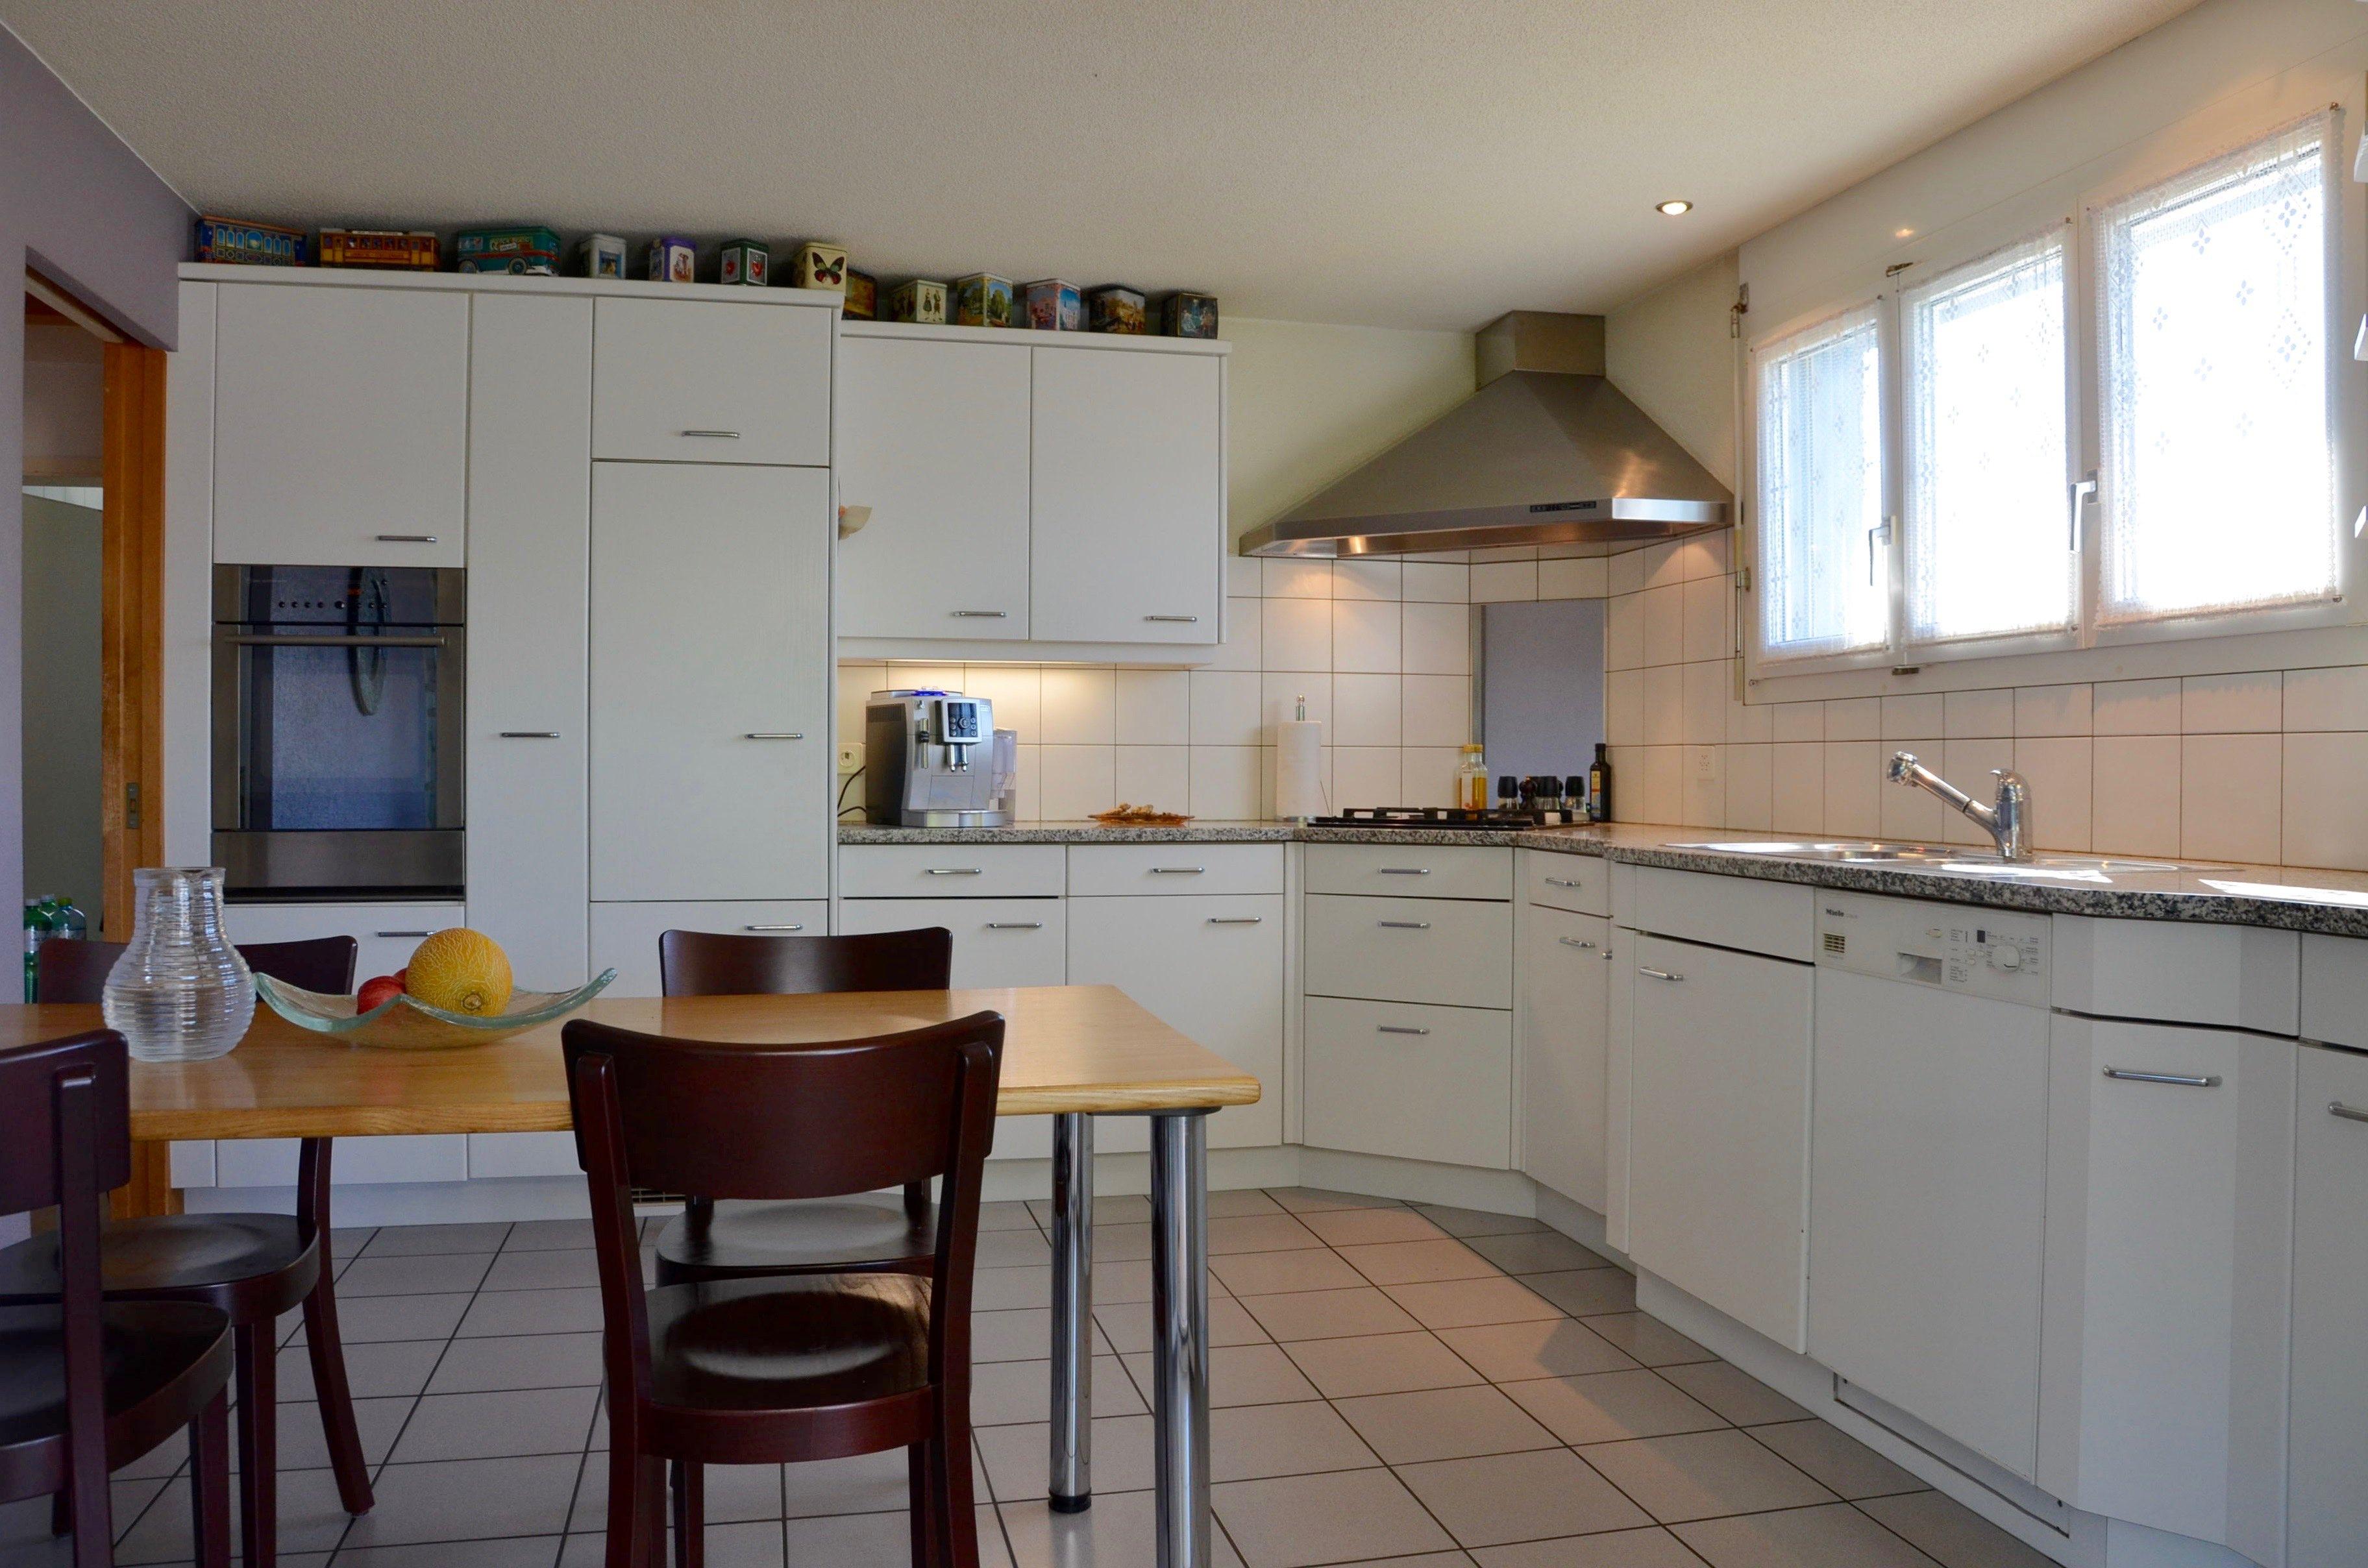 arbeiten und wohnen unter einem dach immo bolliger oftringen. Black Bedroom Furniture Sets. Home Design Ideas